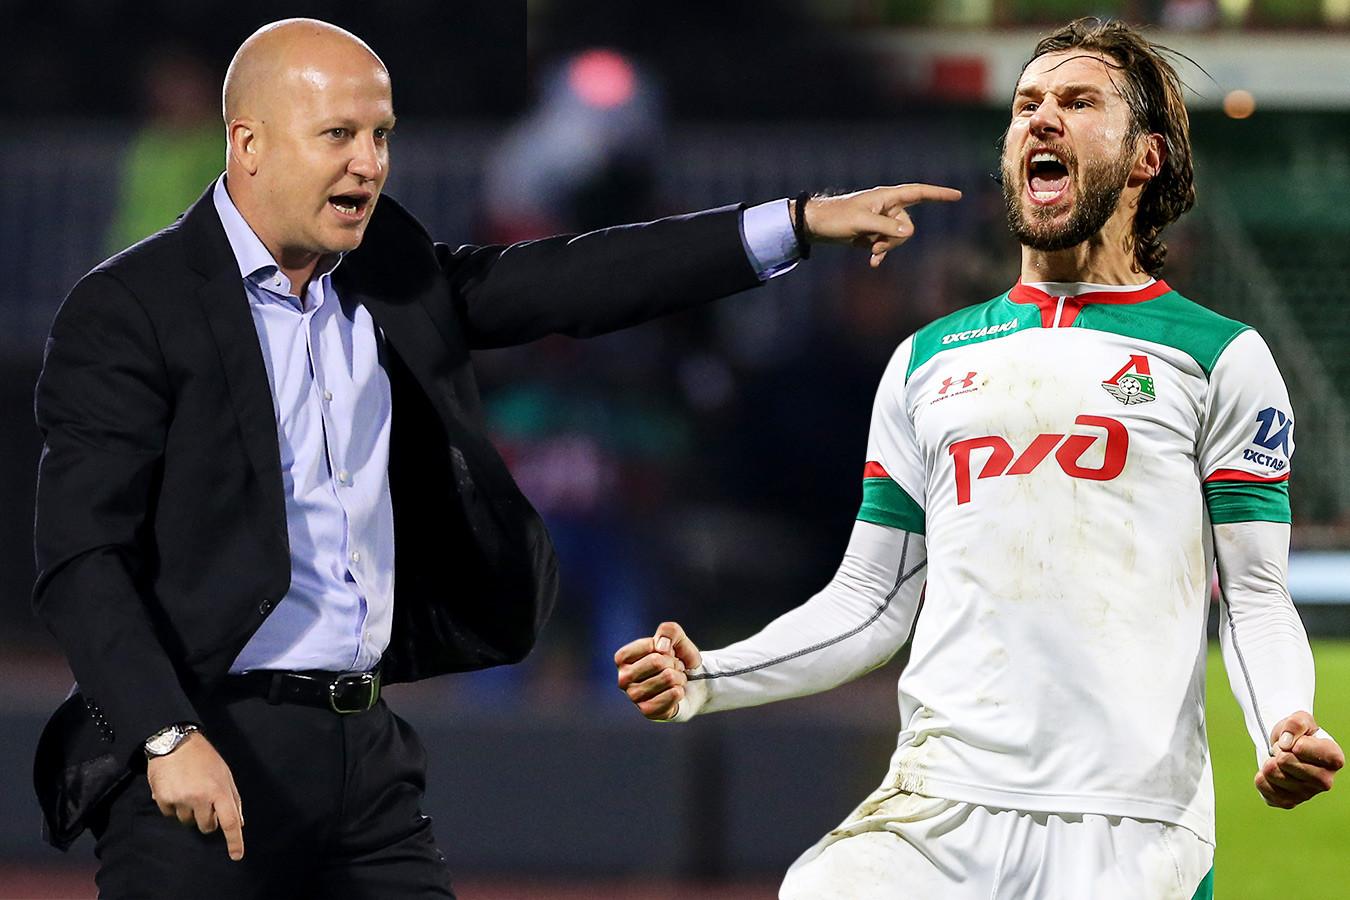 Локомотив футбольный клуб москва тренер ночному клубу 2 года